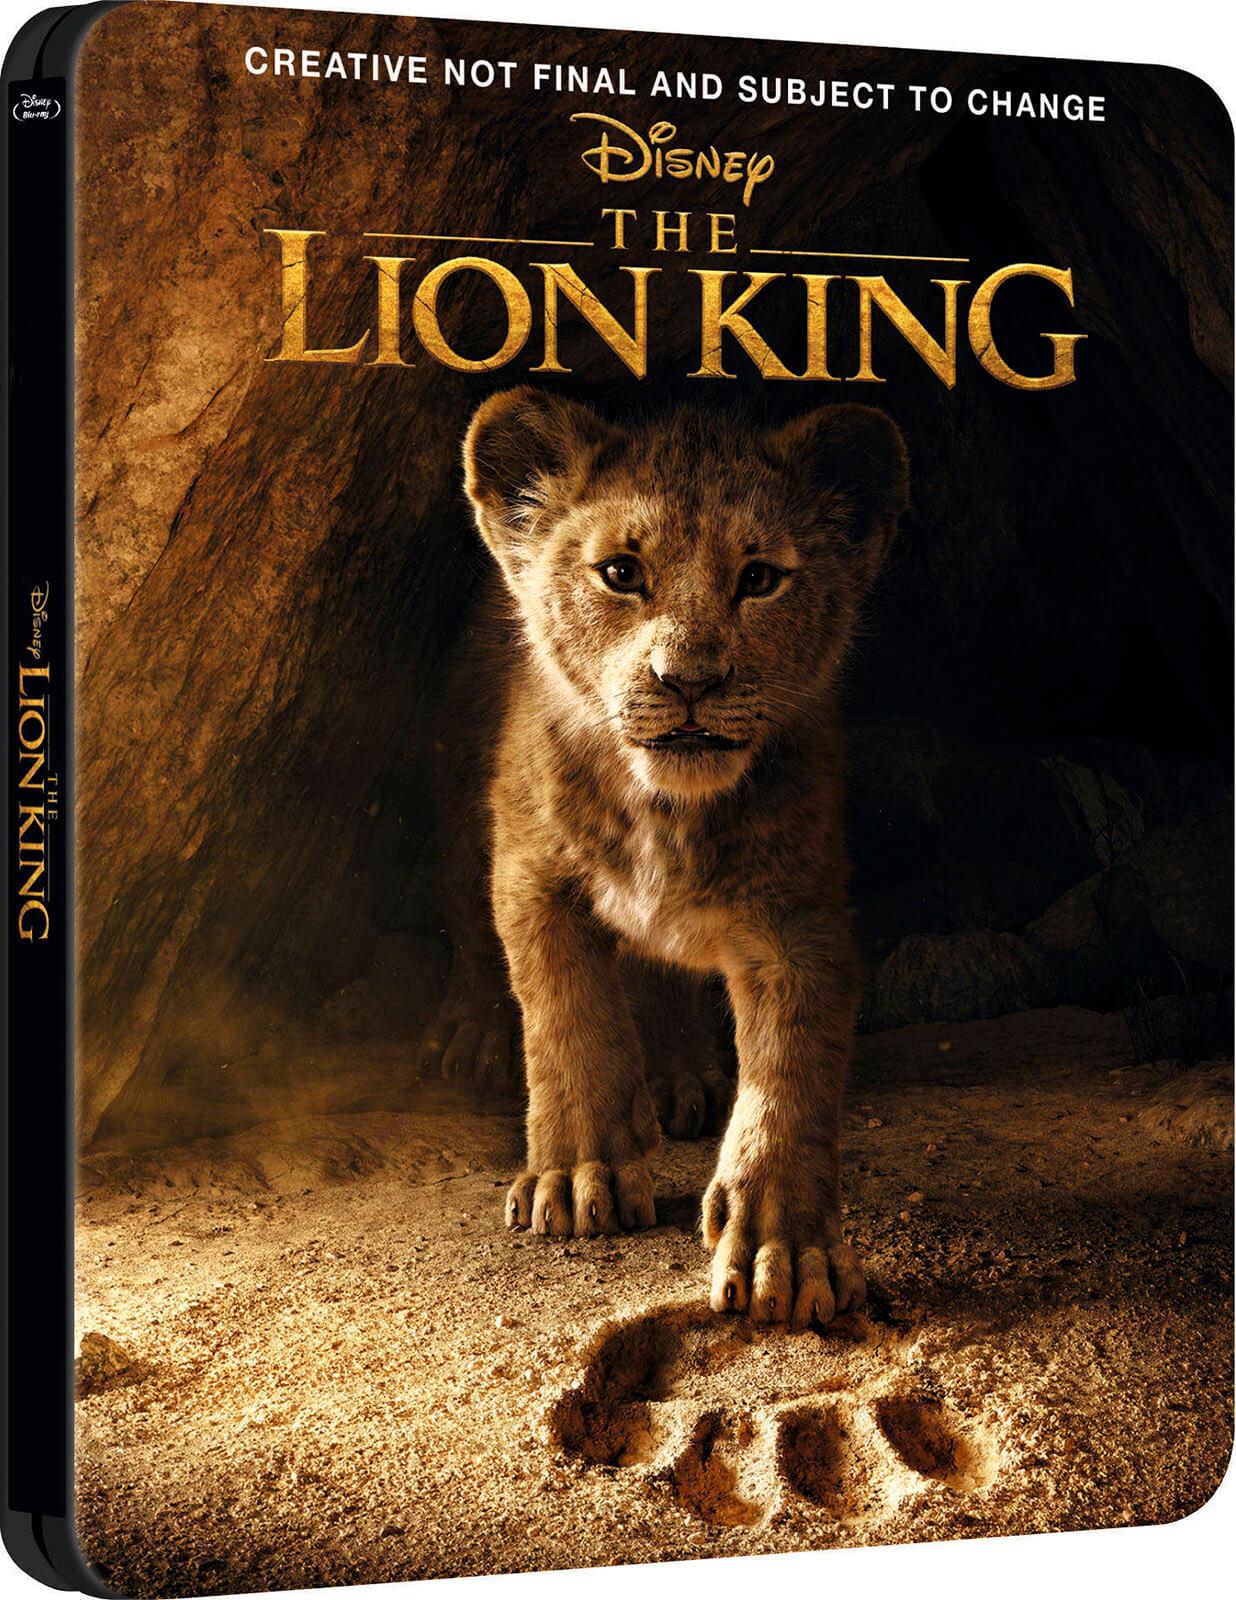 ผลการค้นหารูปภาพสำหรับ lion king 2019 blu ray